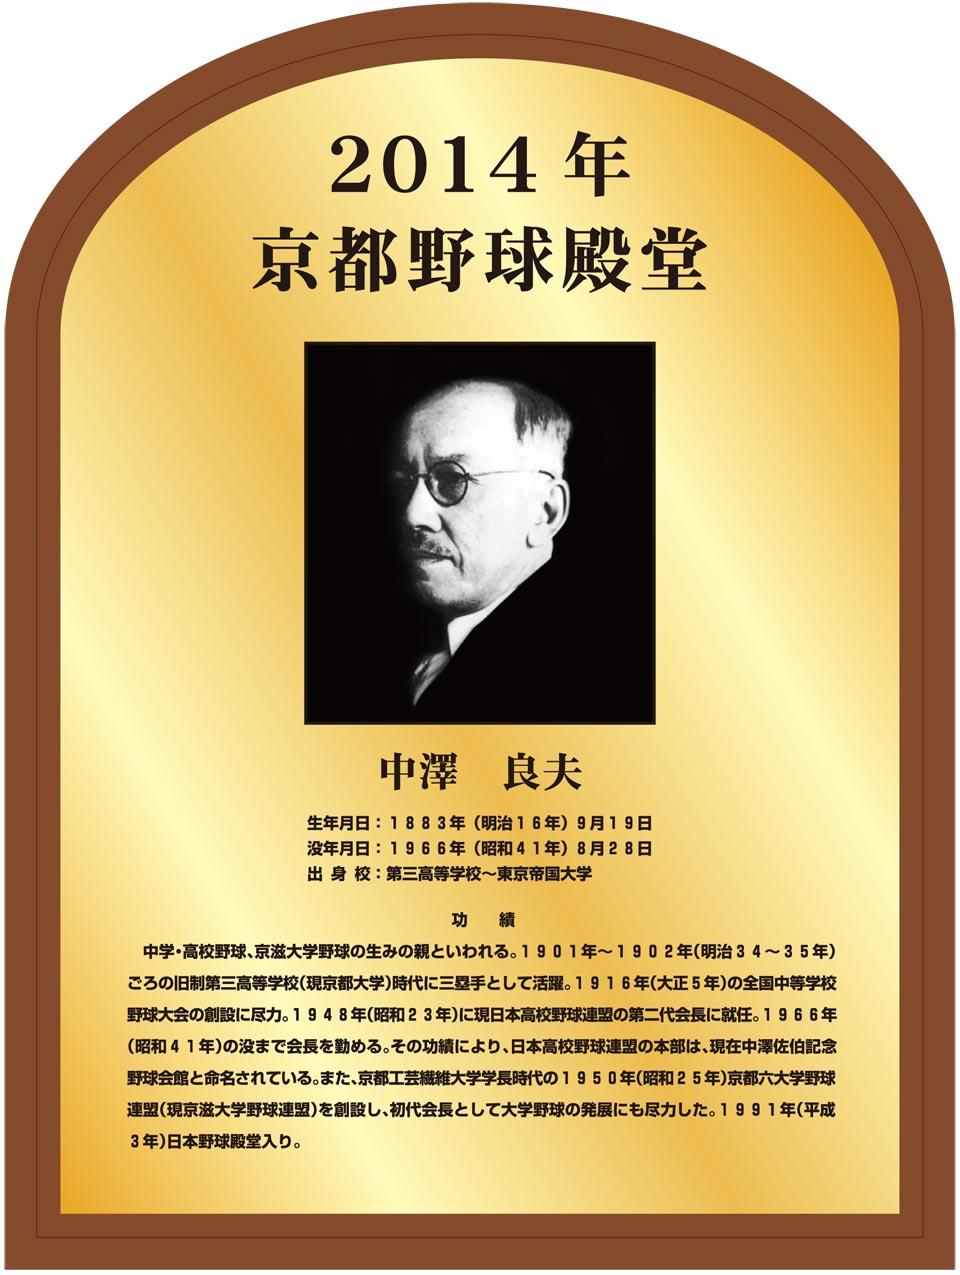 中澤 良夫